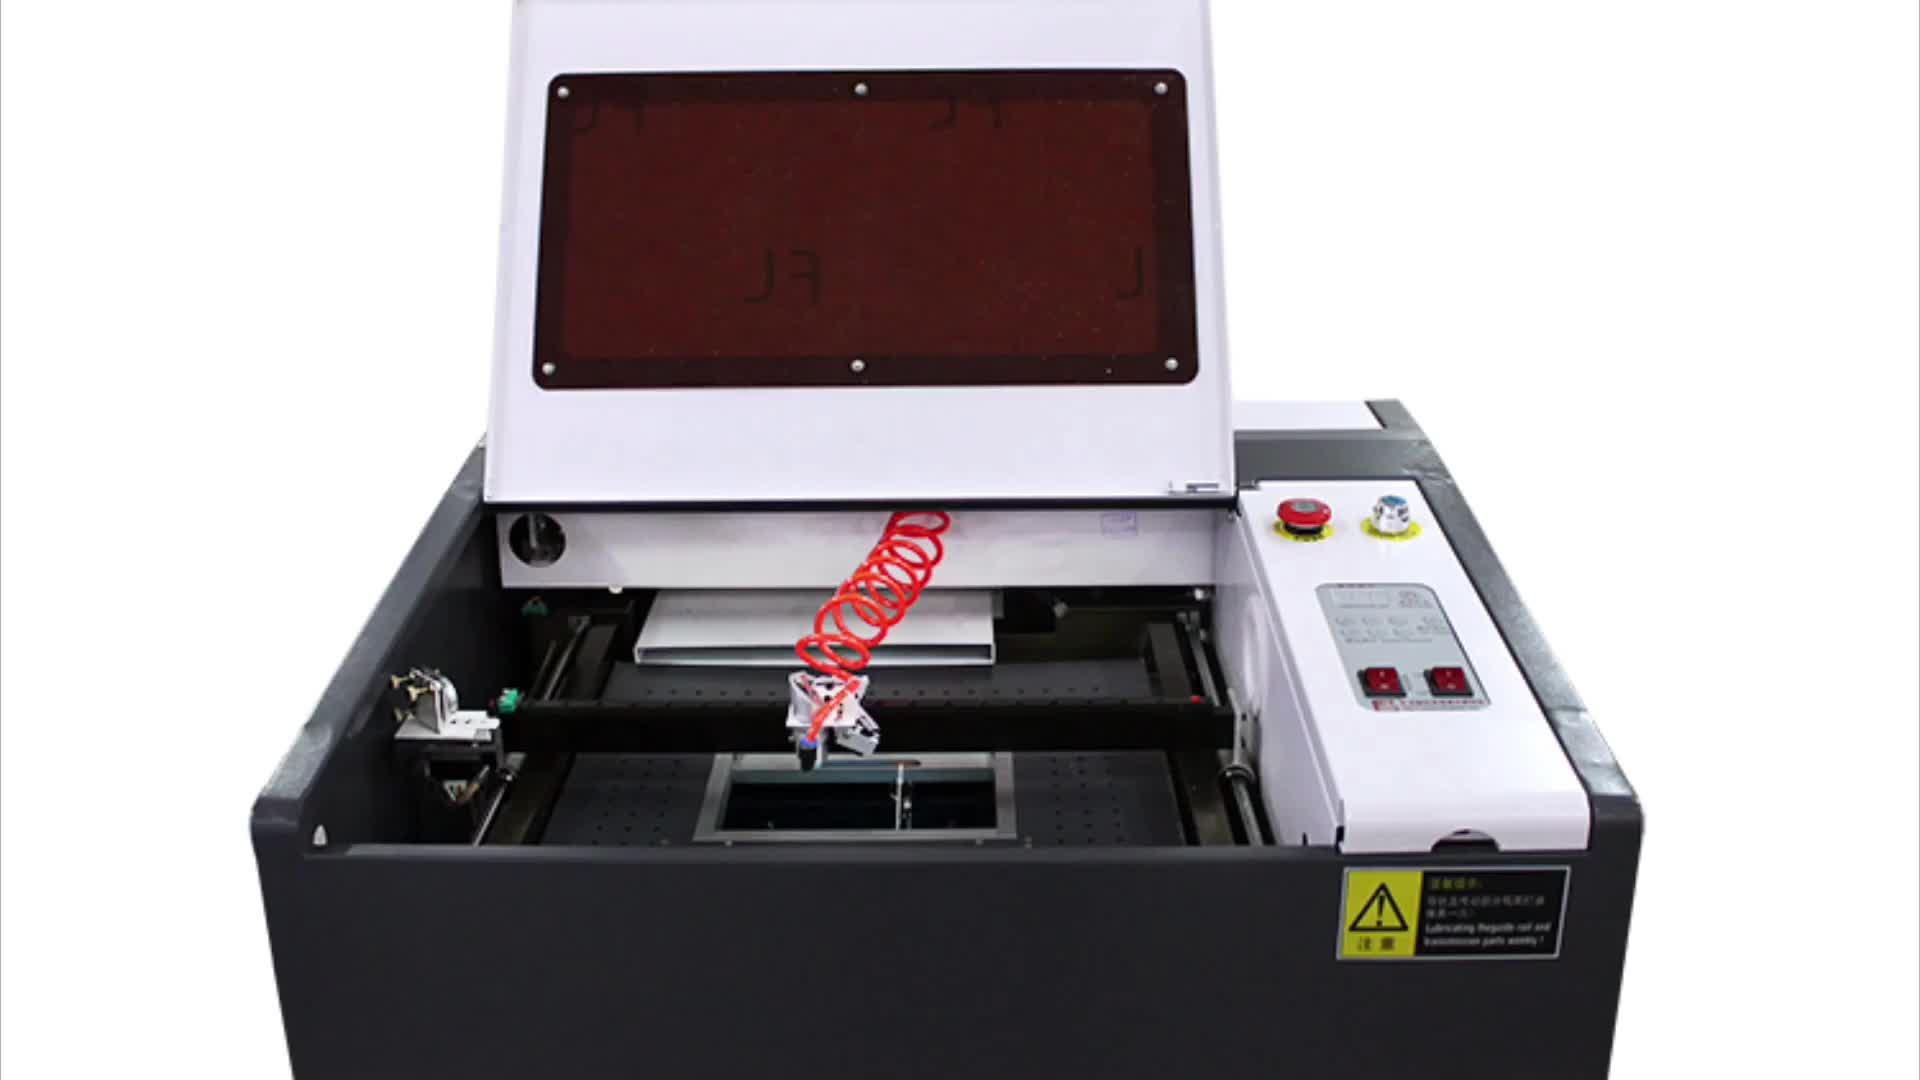 Miglior Prezzo portatile K40 macchina di taglio laser, piccola in legno acrilico foglio di gomma laser engraver e taglierina